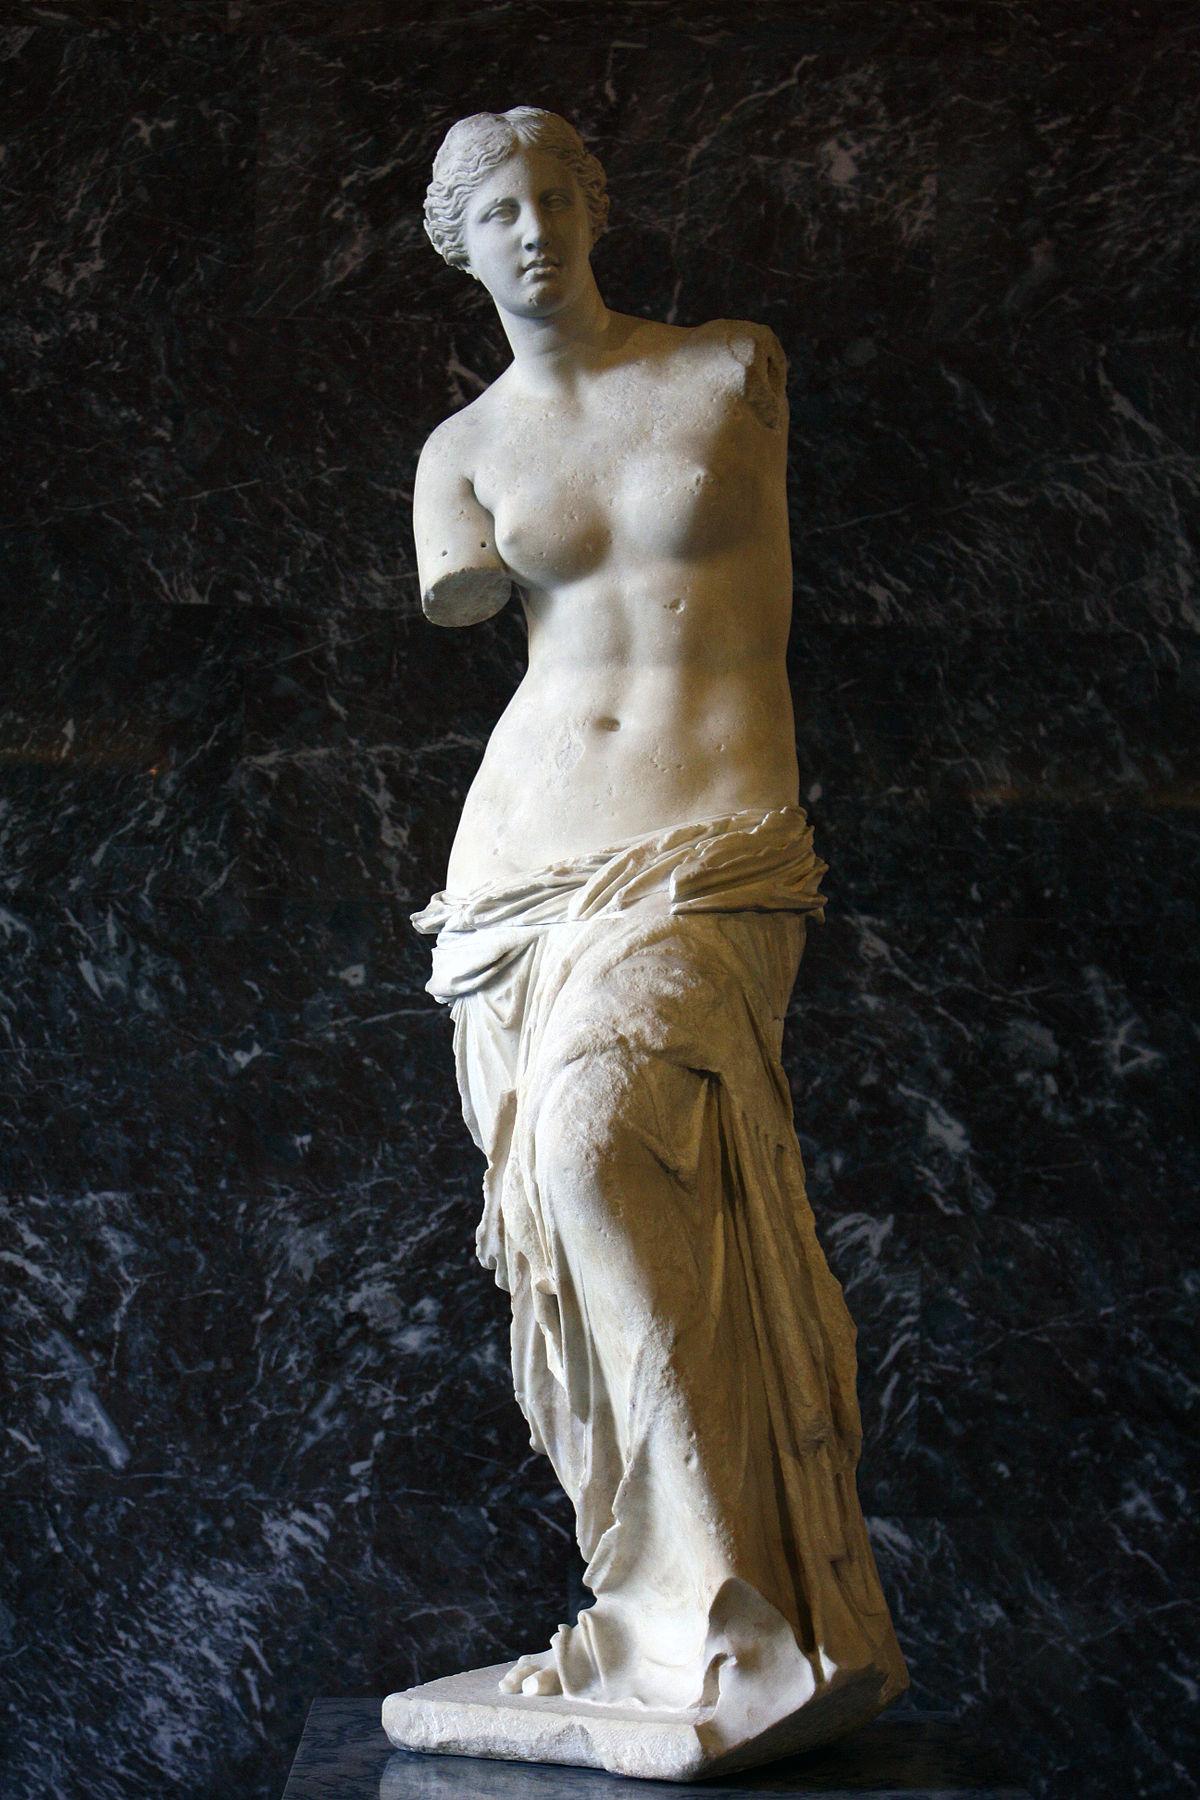 Все о древнегреческой скульптуре богине афродите